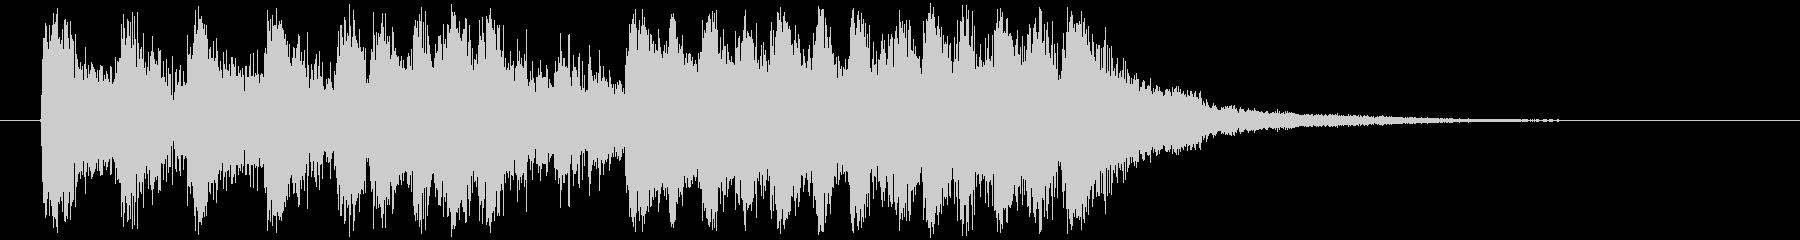 オーケストラロックの壮大なサウンドロゴ!の未再生の波形